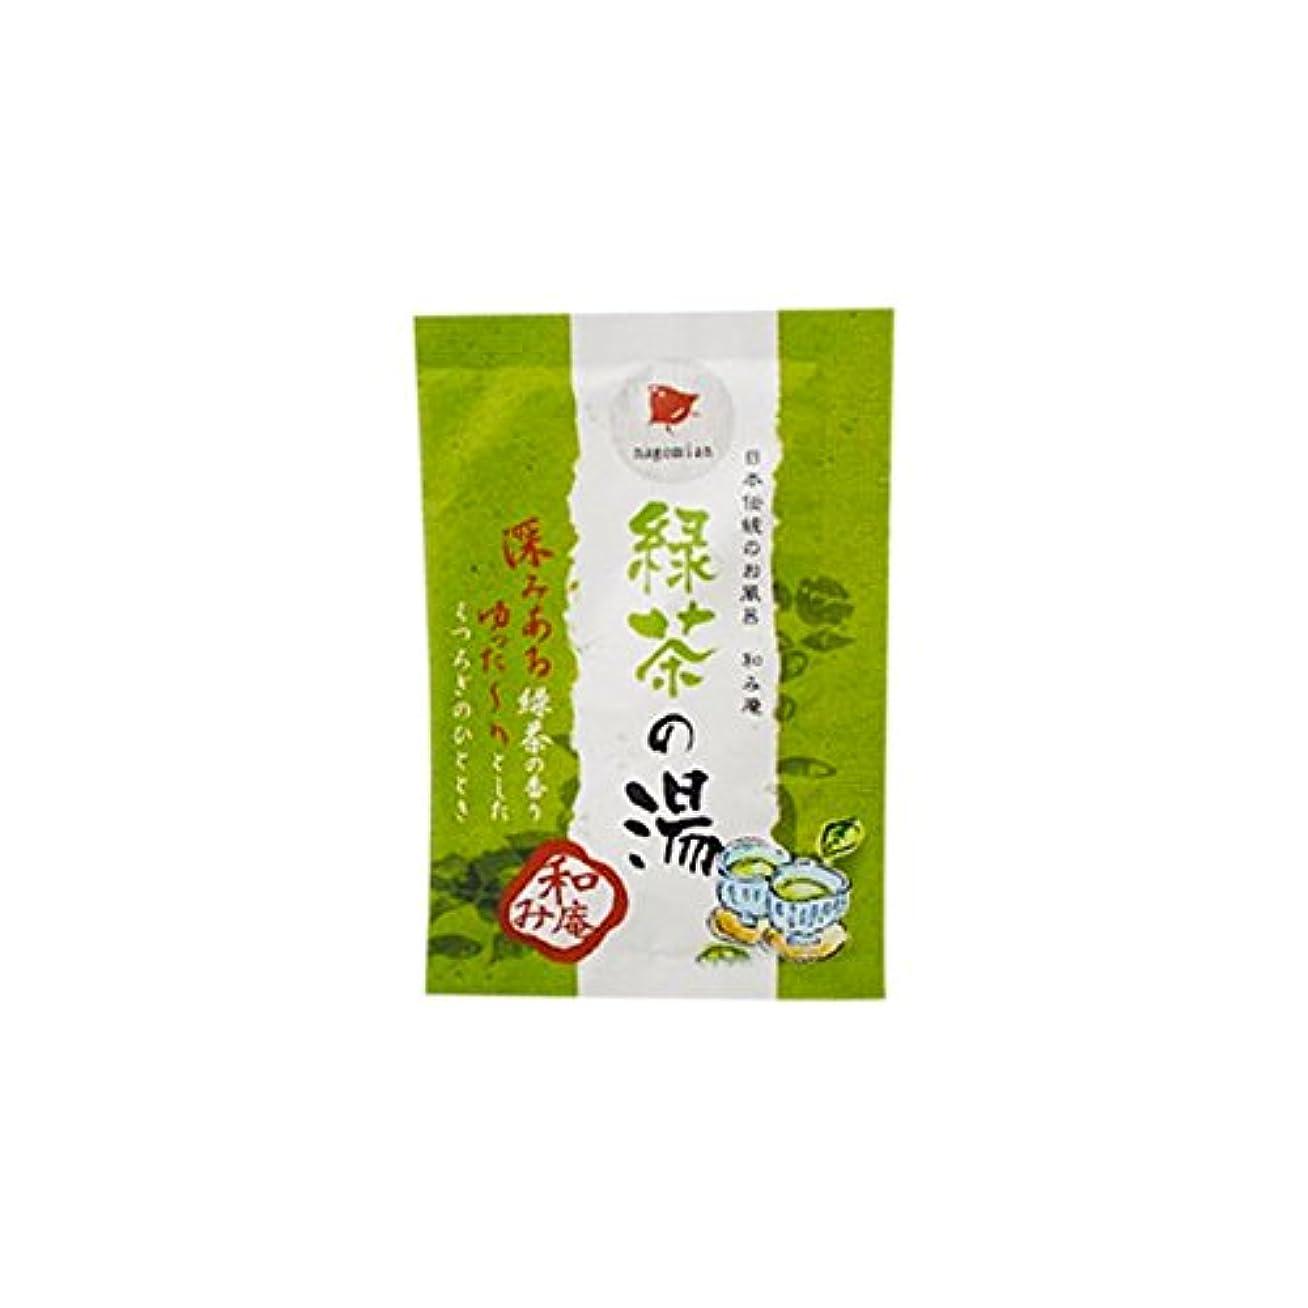 あいまいボイラー勇敢な和み庵 入浴剤 「緑茶の湯」30個